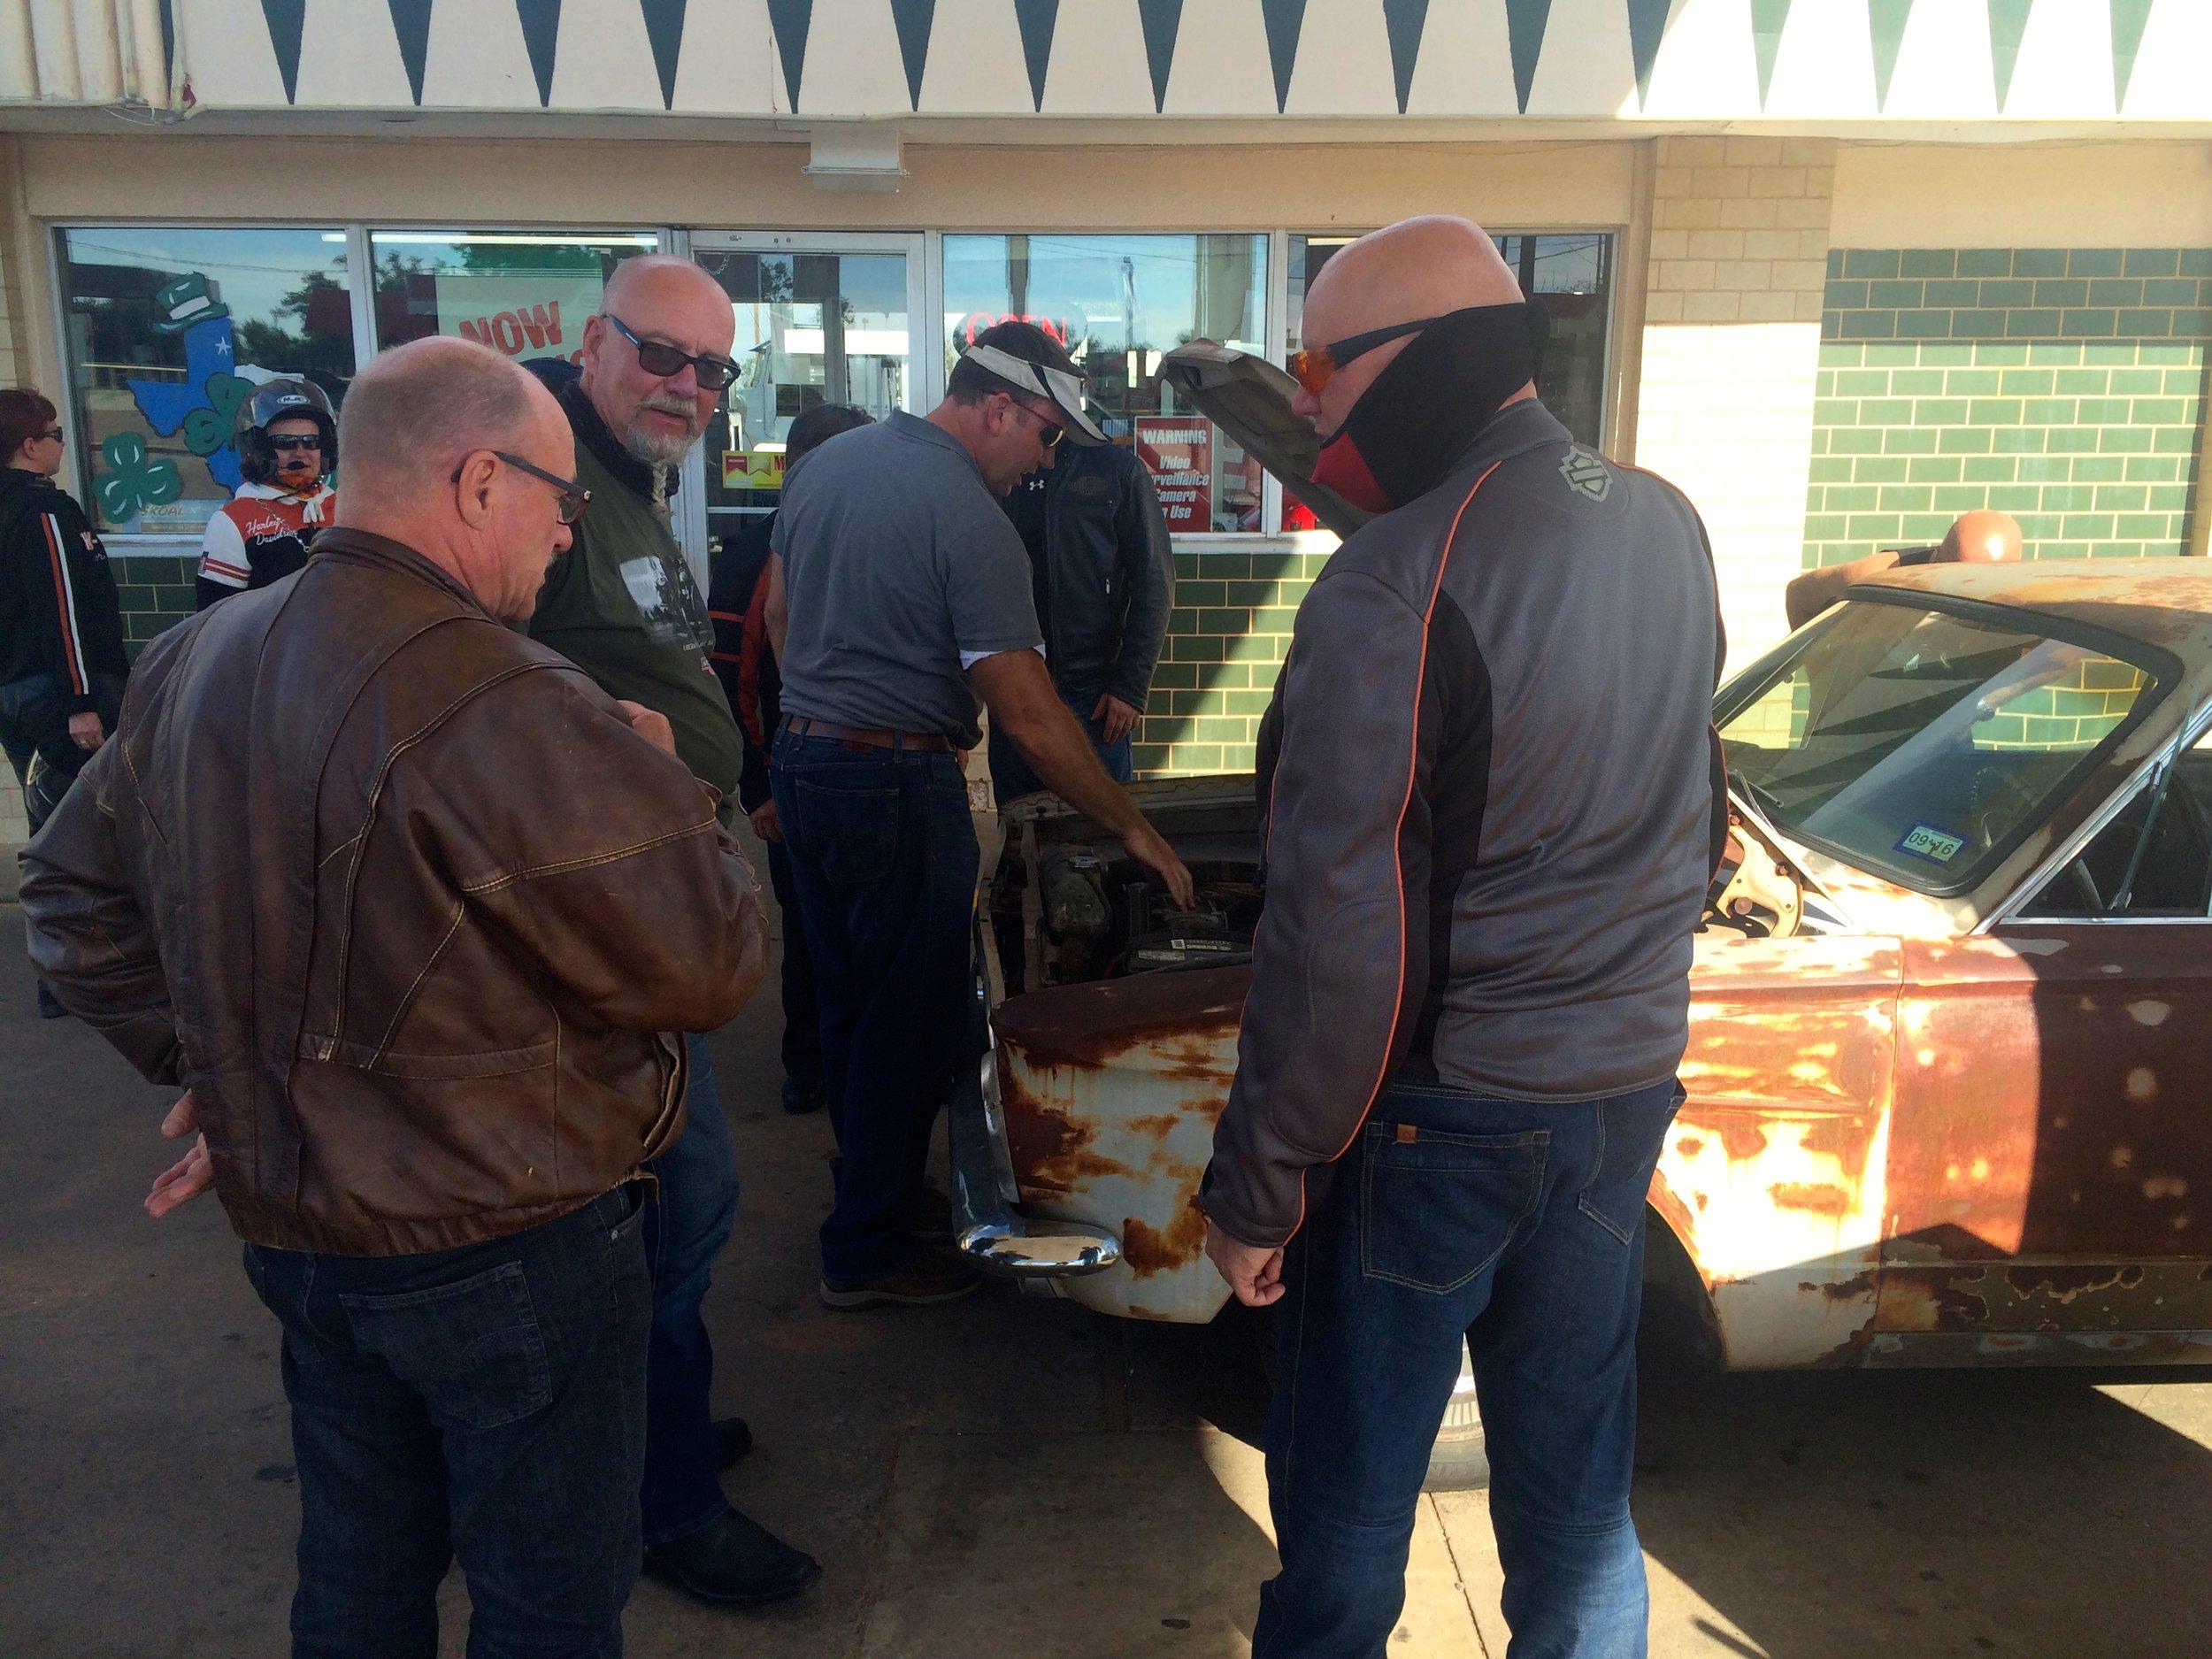 Plymounth Valiant -65 konepellin alle on ruuhkaa, Shamrock Texas :)